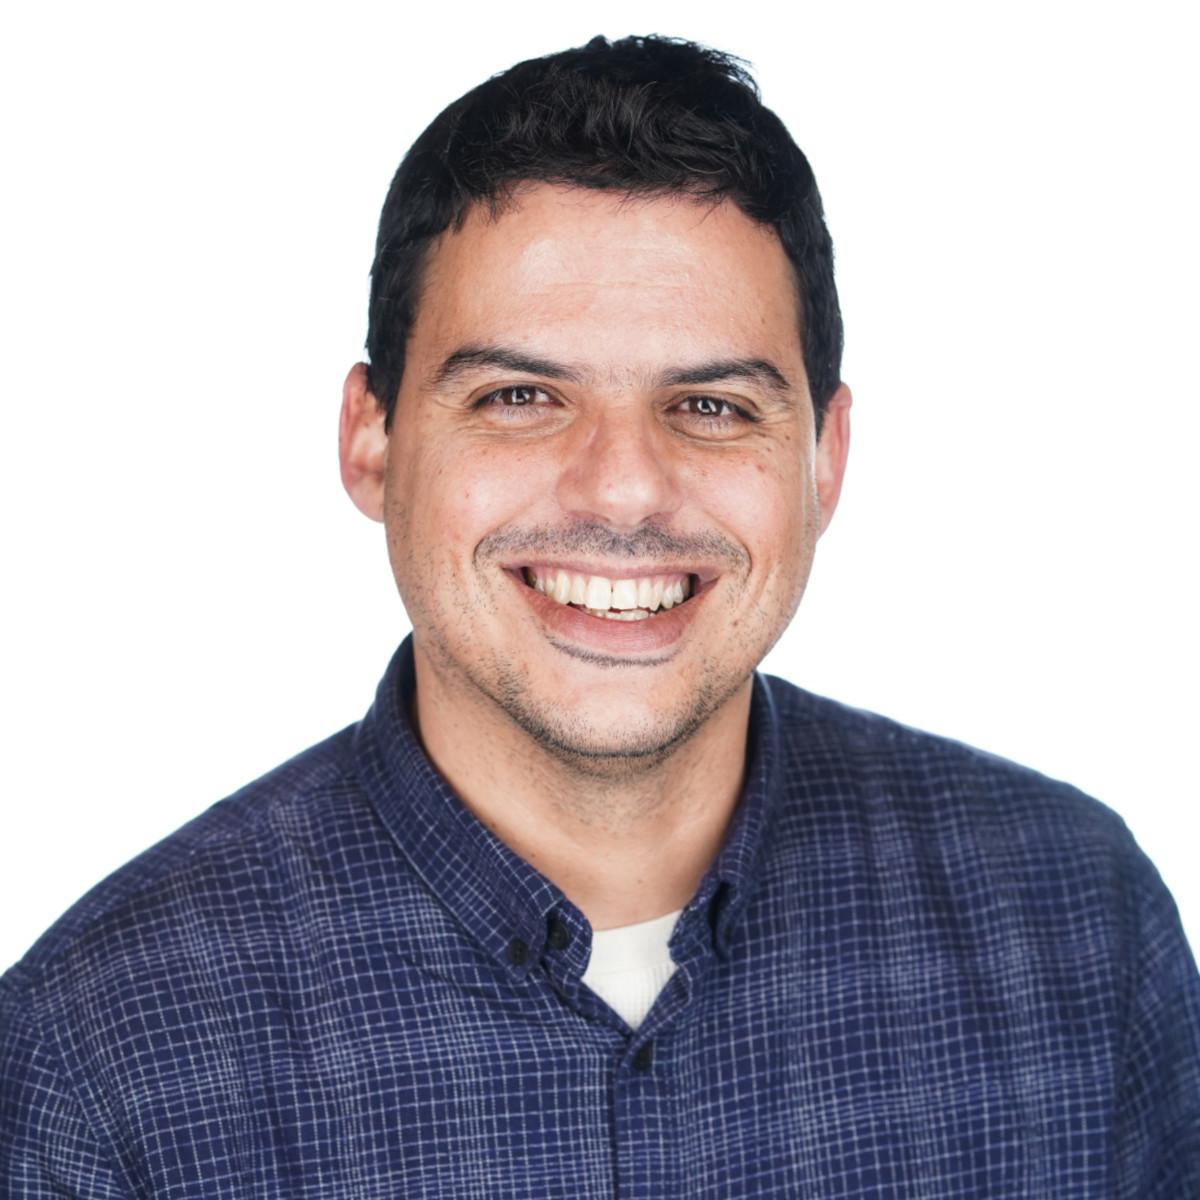 Joel Sierra